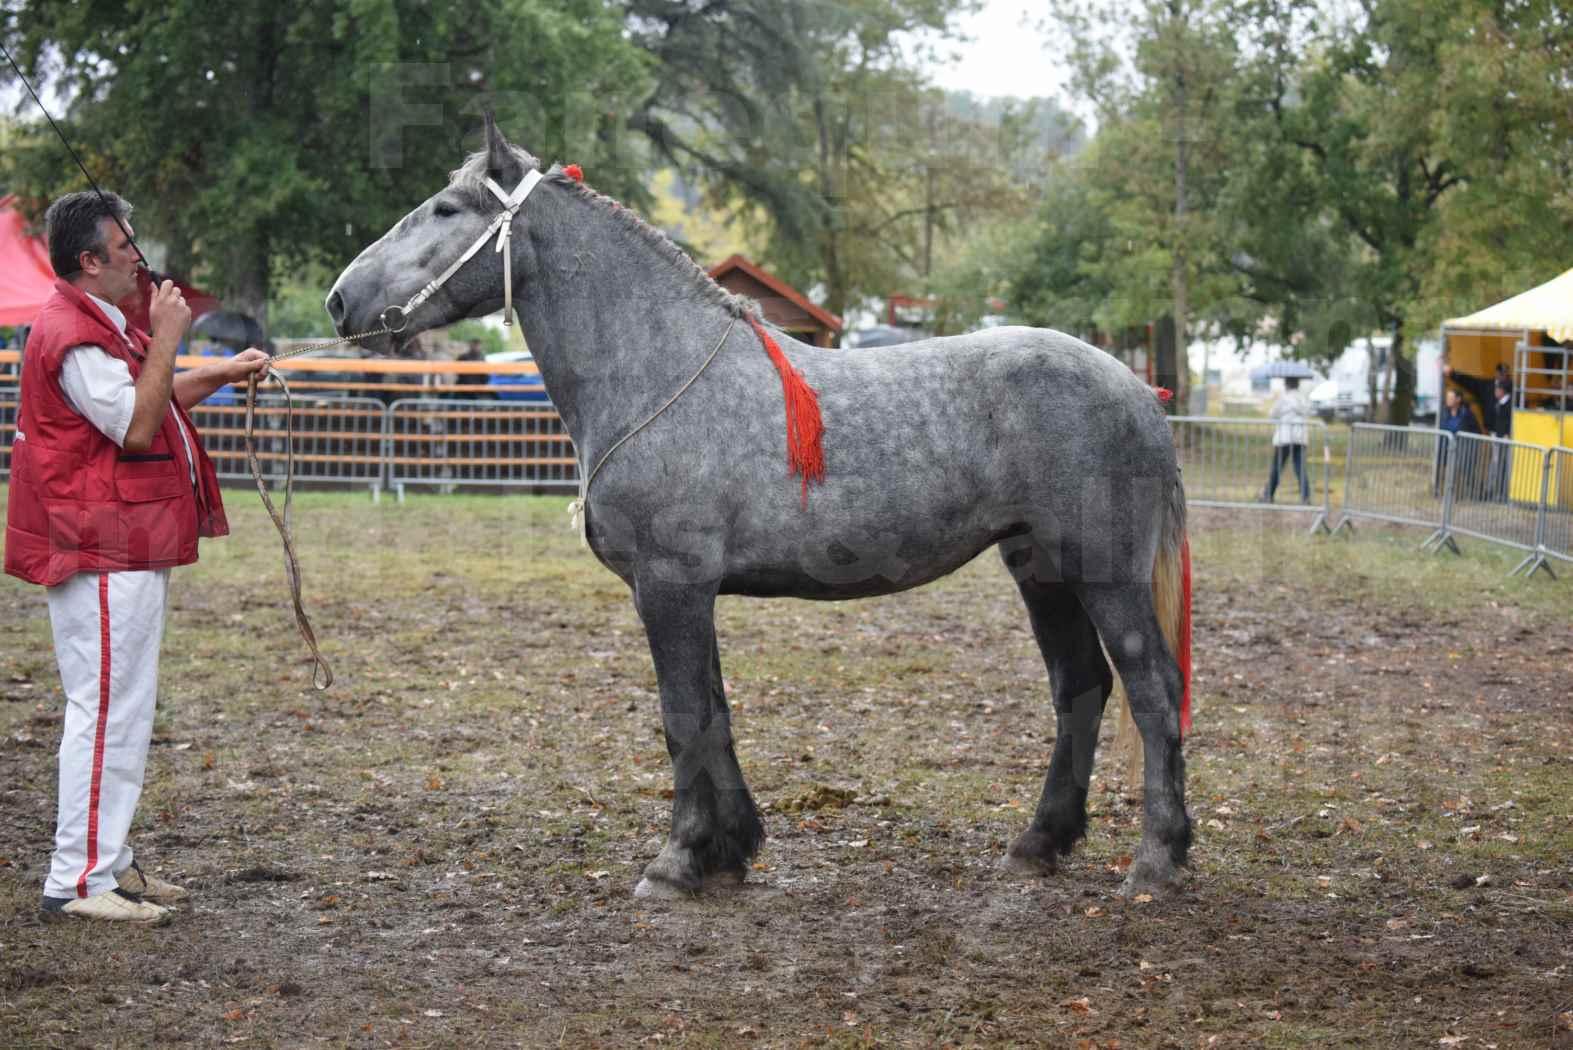 Concours Régional de chevaux de traits en 2017 - Pouliche Trait PERCHERON - FANY DES COUSTAUSSES - 1